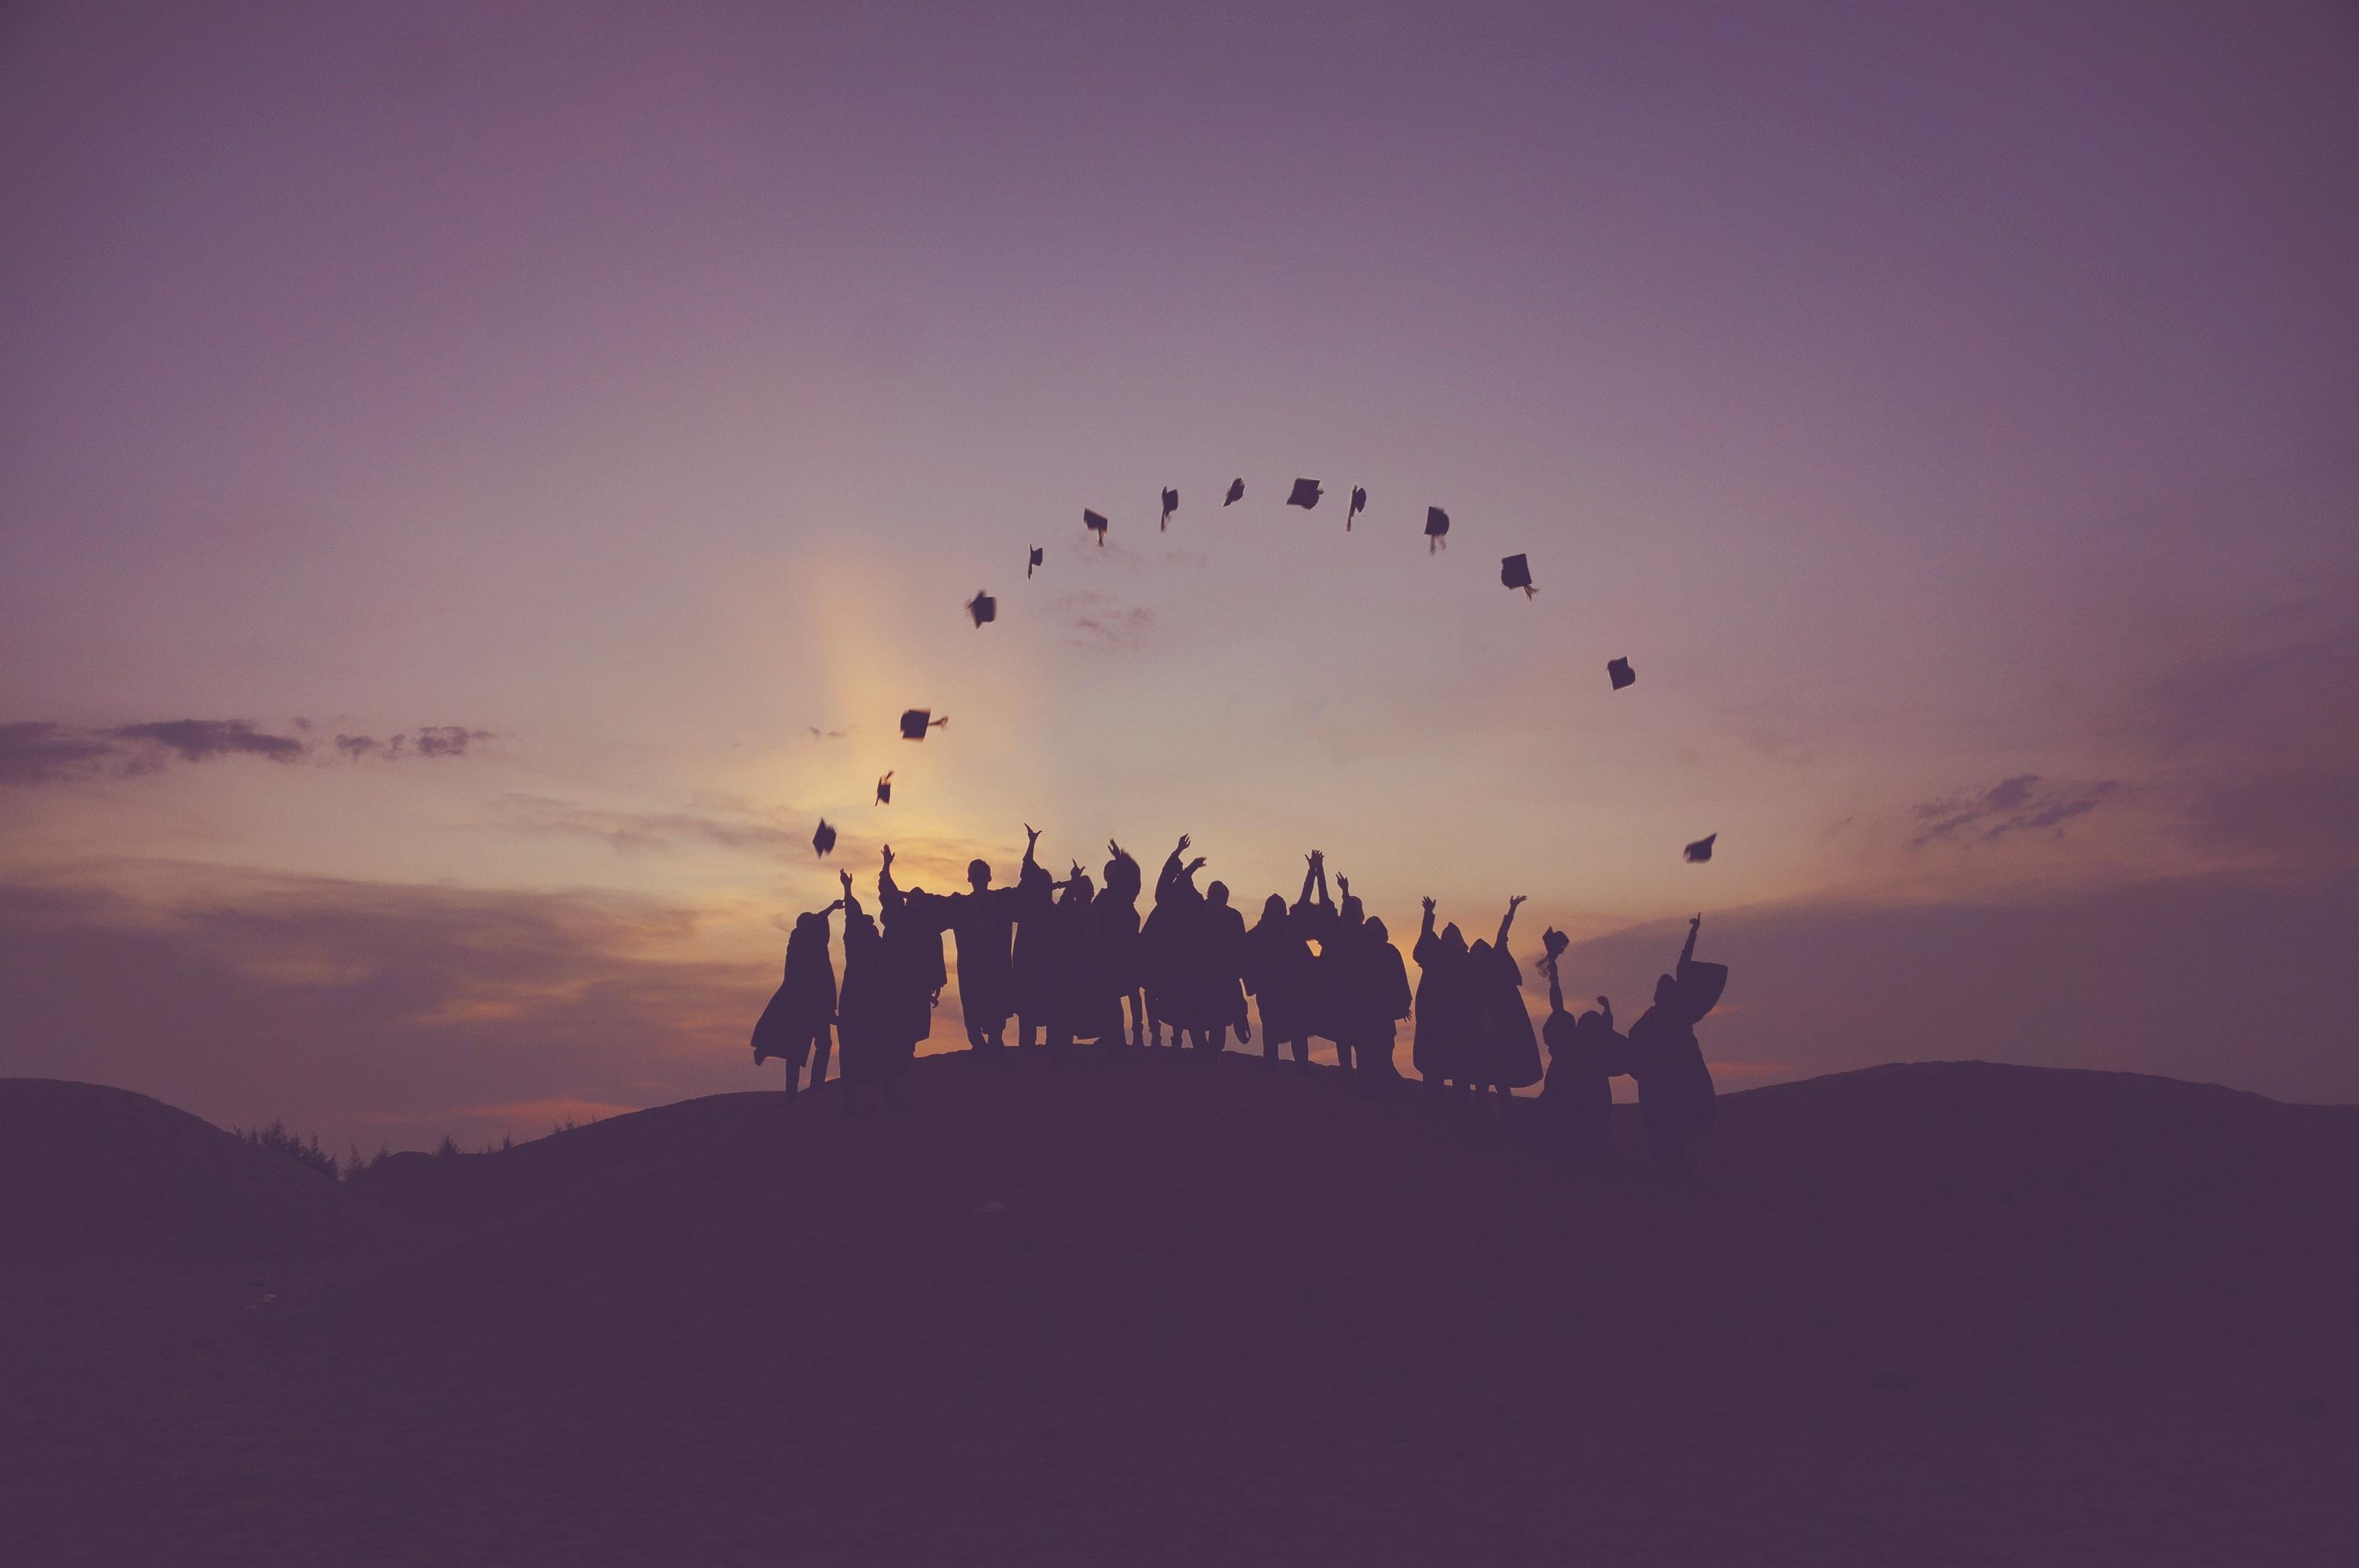 Artikkelin kuvituskuvassa valmistuvia yliopisto-opiskelijoita.